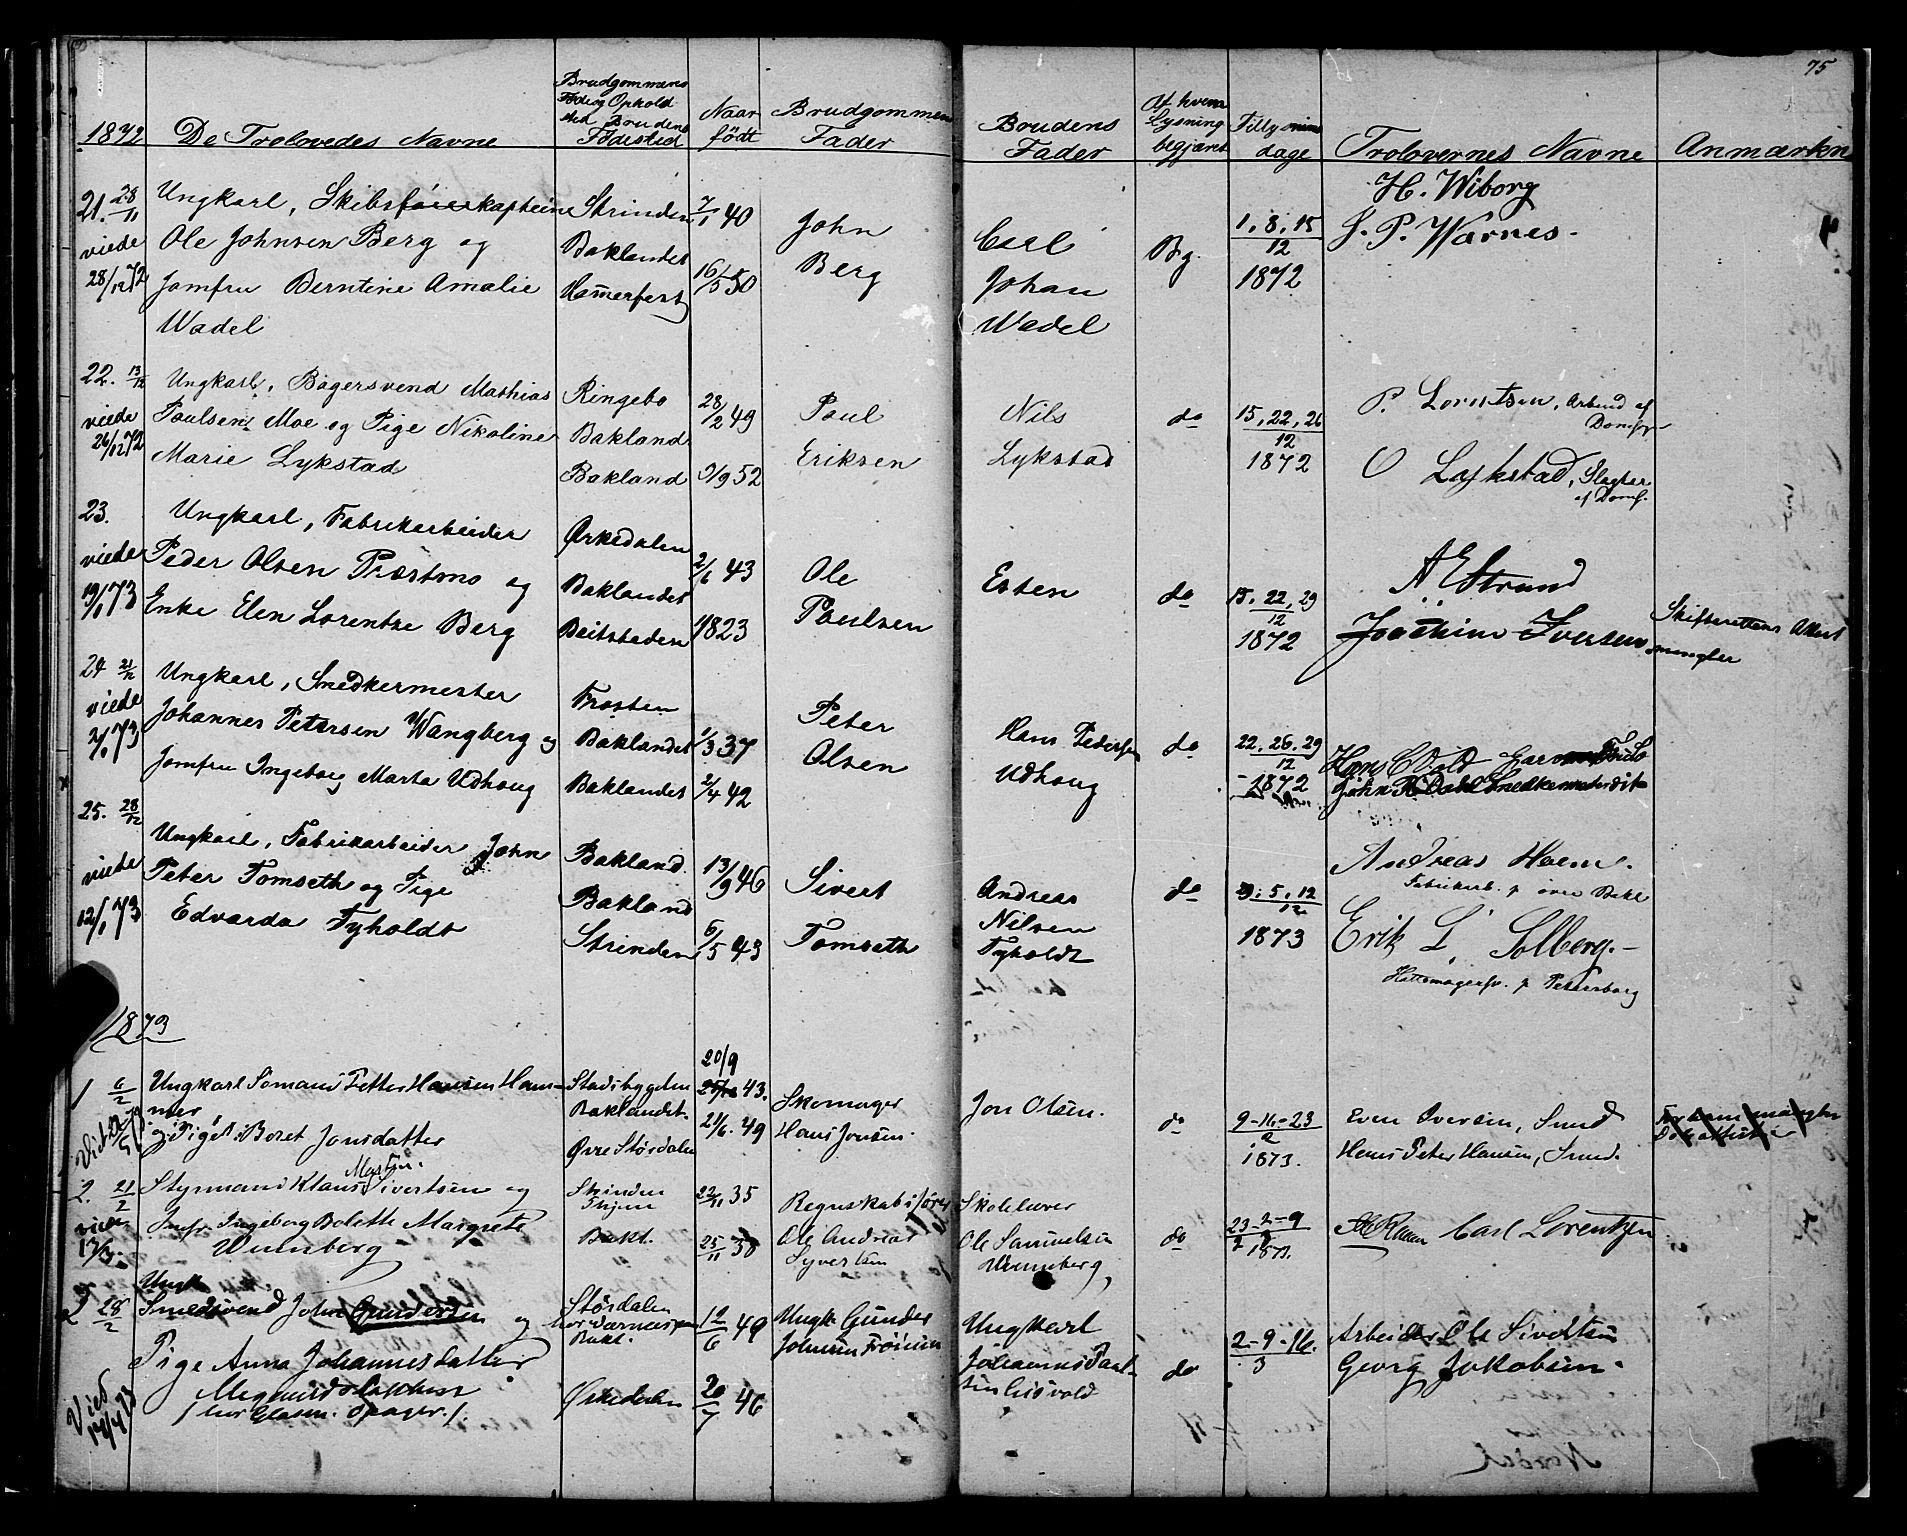 SAT, Ministerialprotokoller, klokkerbøker og fødselsregistre - Sør-Trøndelag, 604/L0187: Ministerialbok nr. 604A08, 1847-1878, s. 75